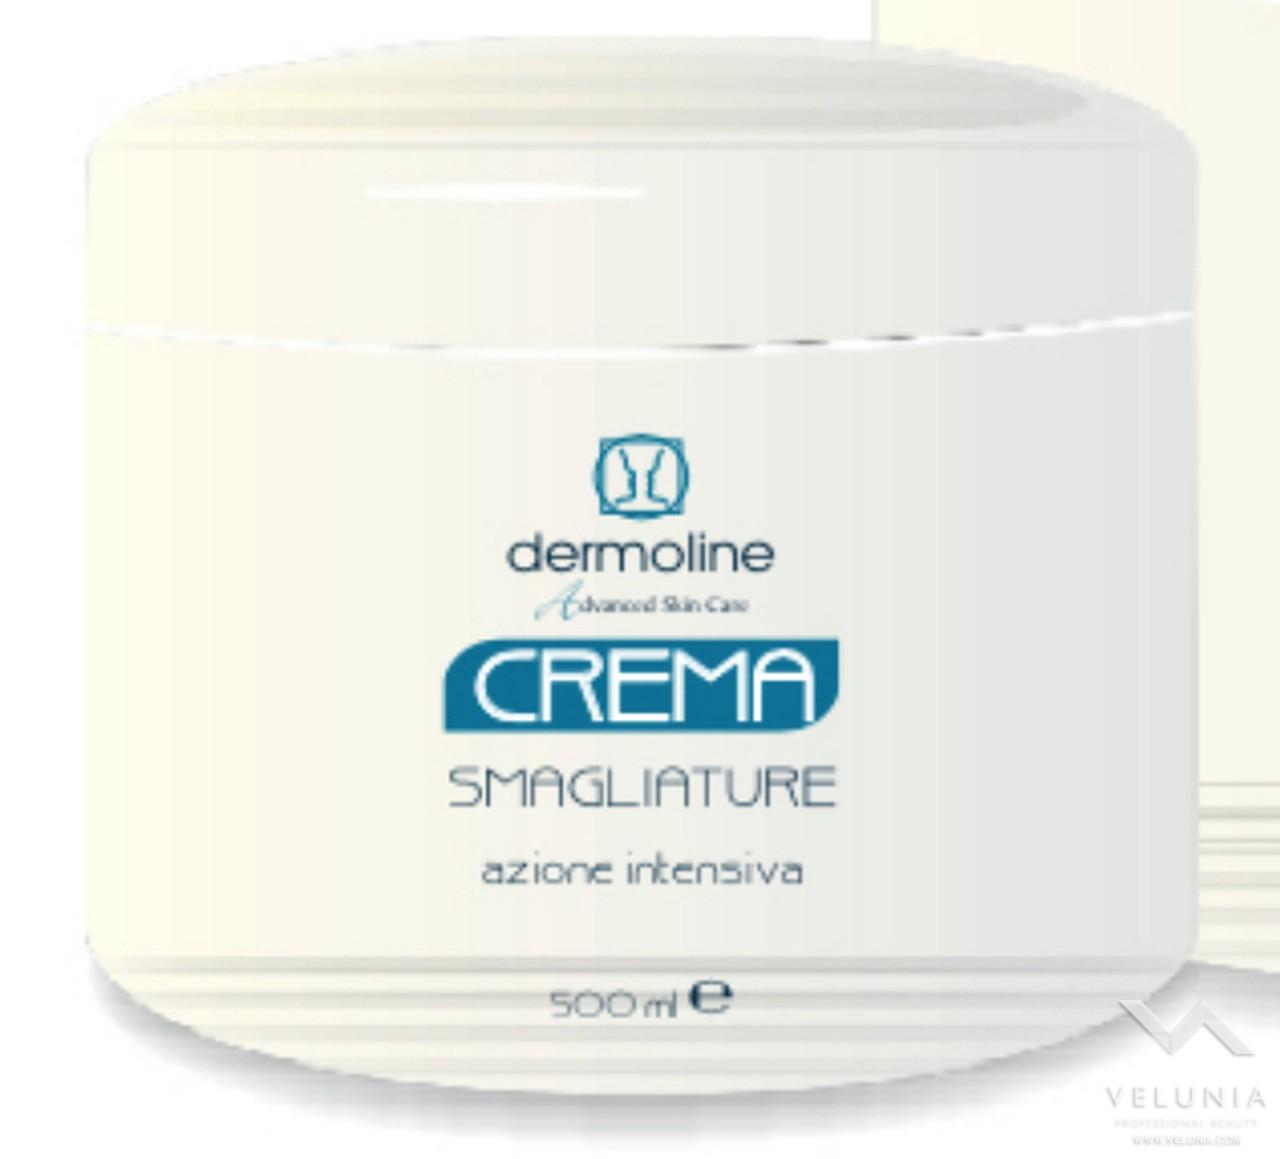 crema trattamento smagliature intensiva 250ml 1